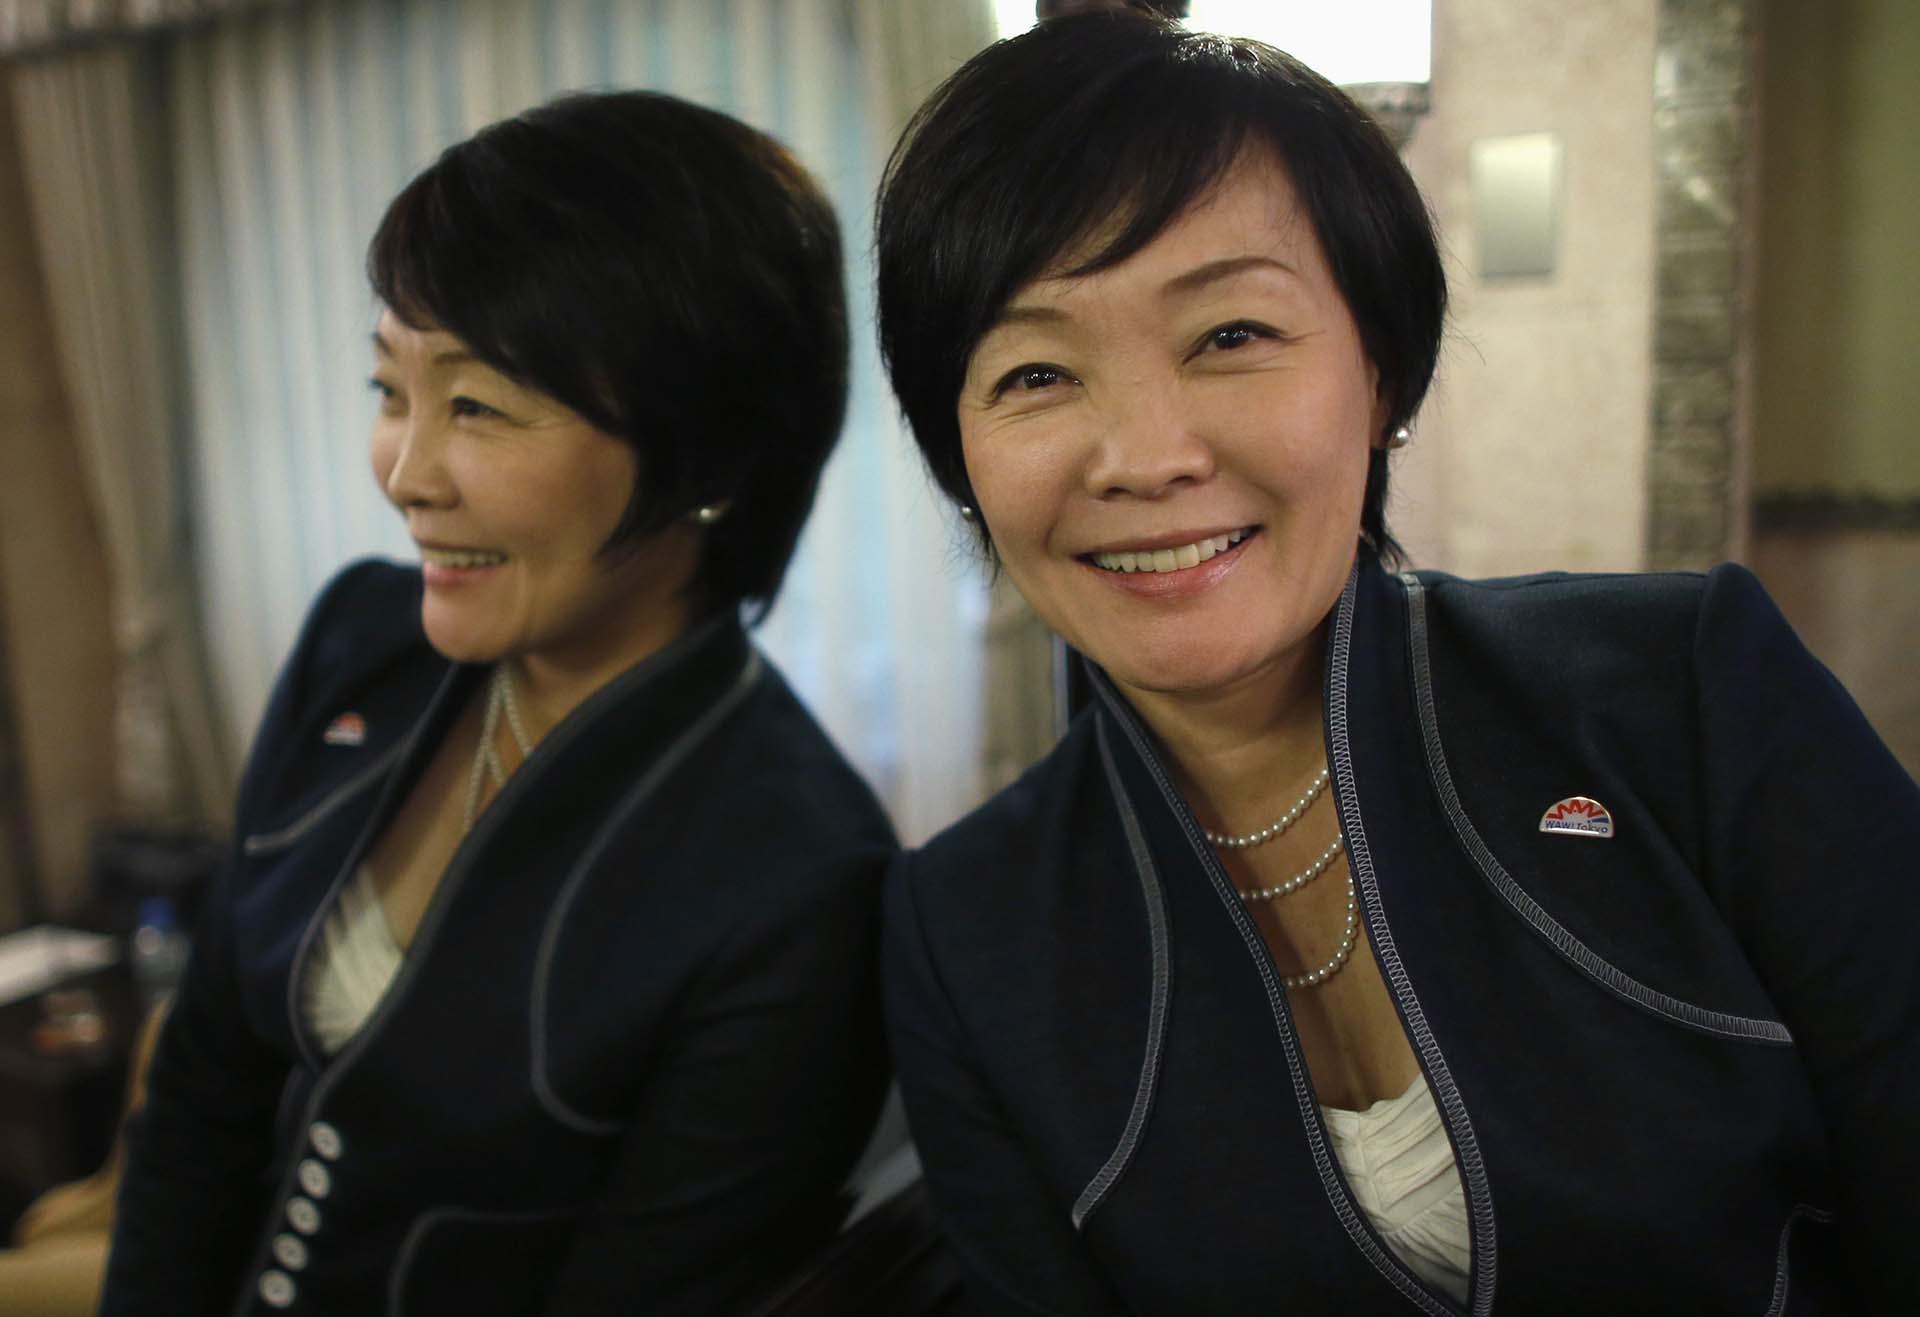 Akie Abe primera dama desde 2012, tiene una fuerte personalidad, muchas veces piensa distinto a su marido